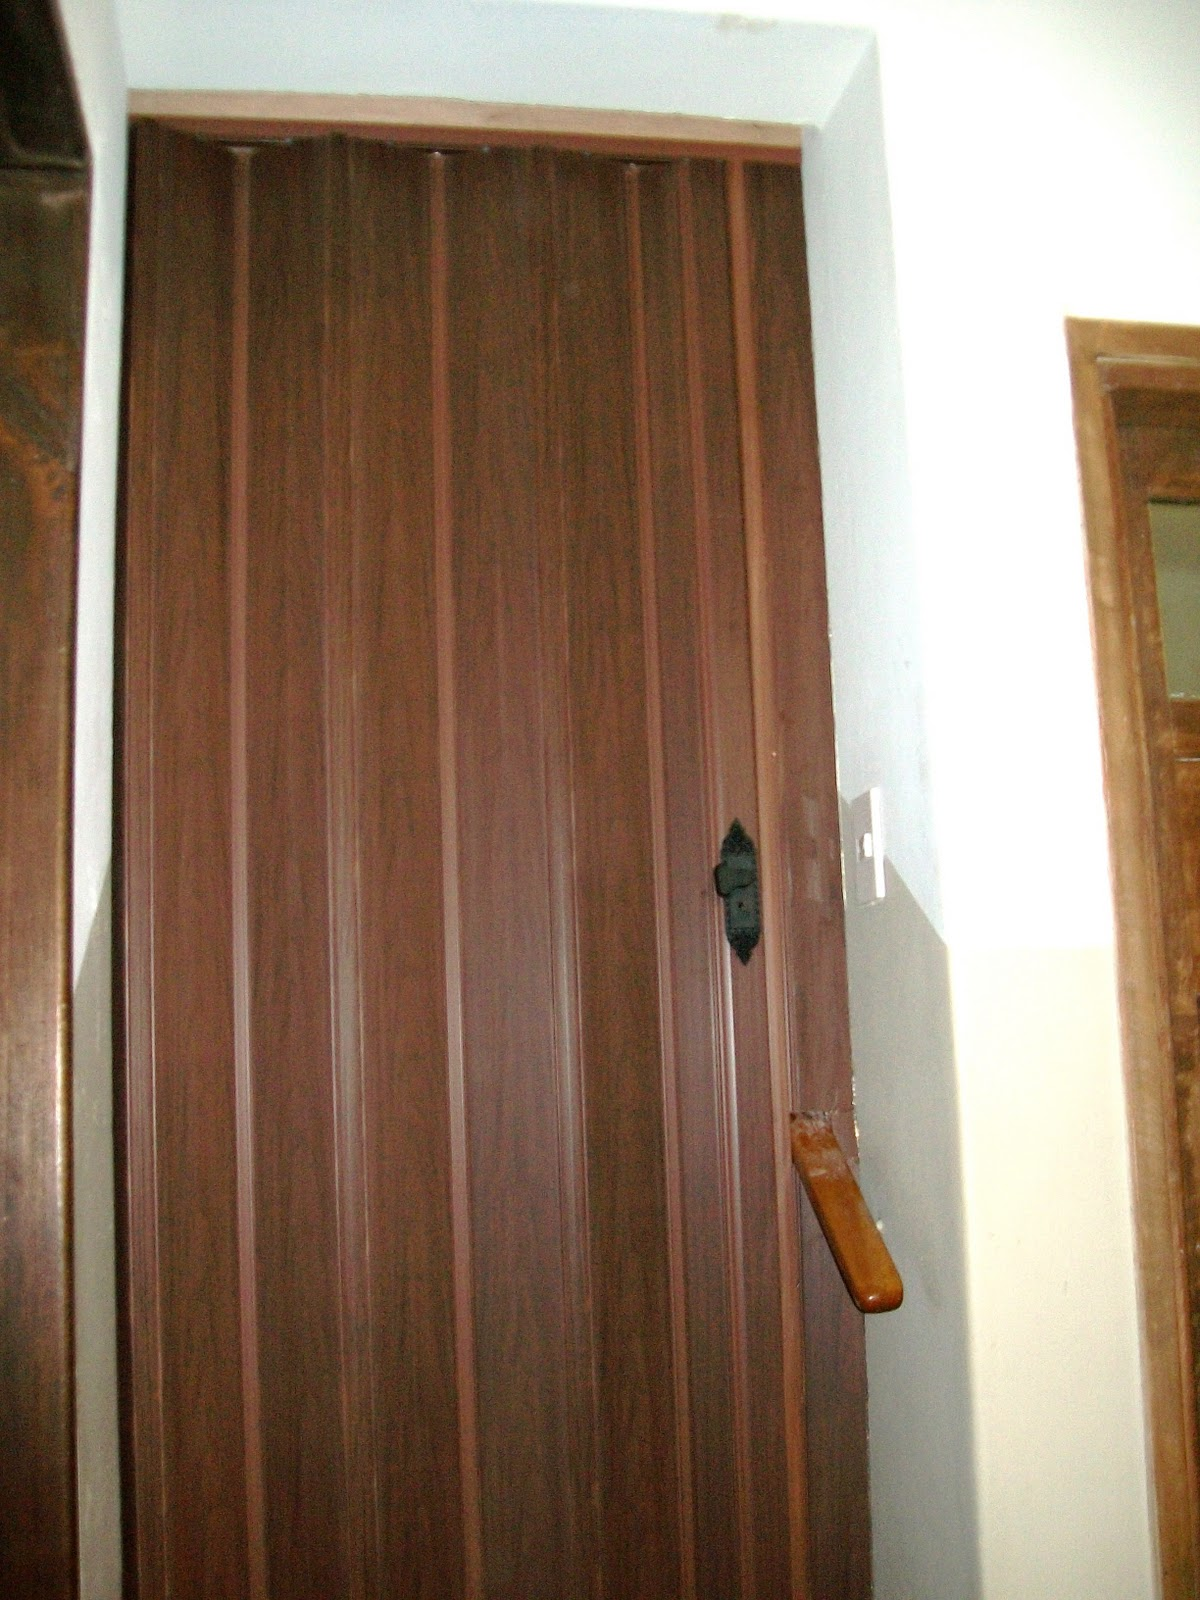 Percinas y servicios puertas plegables - Colores de puertas de madera ...